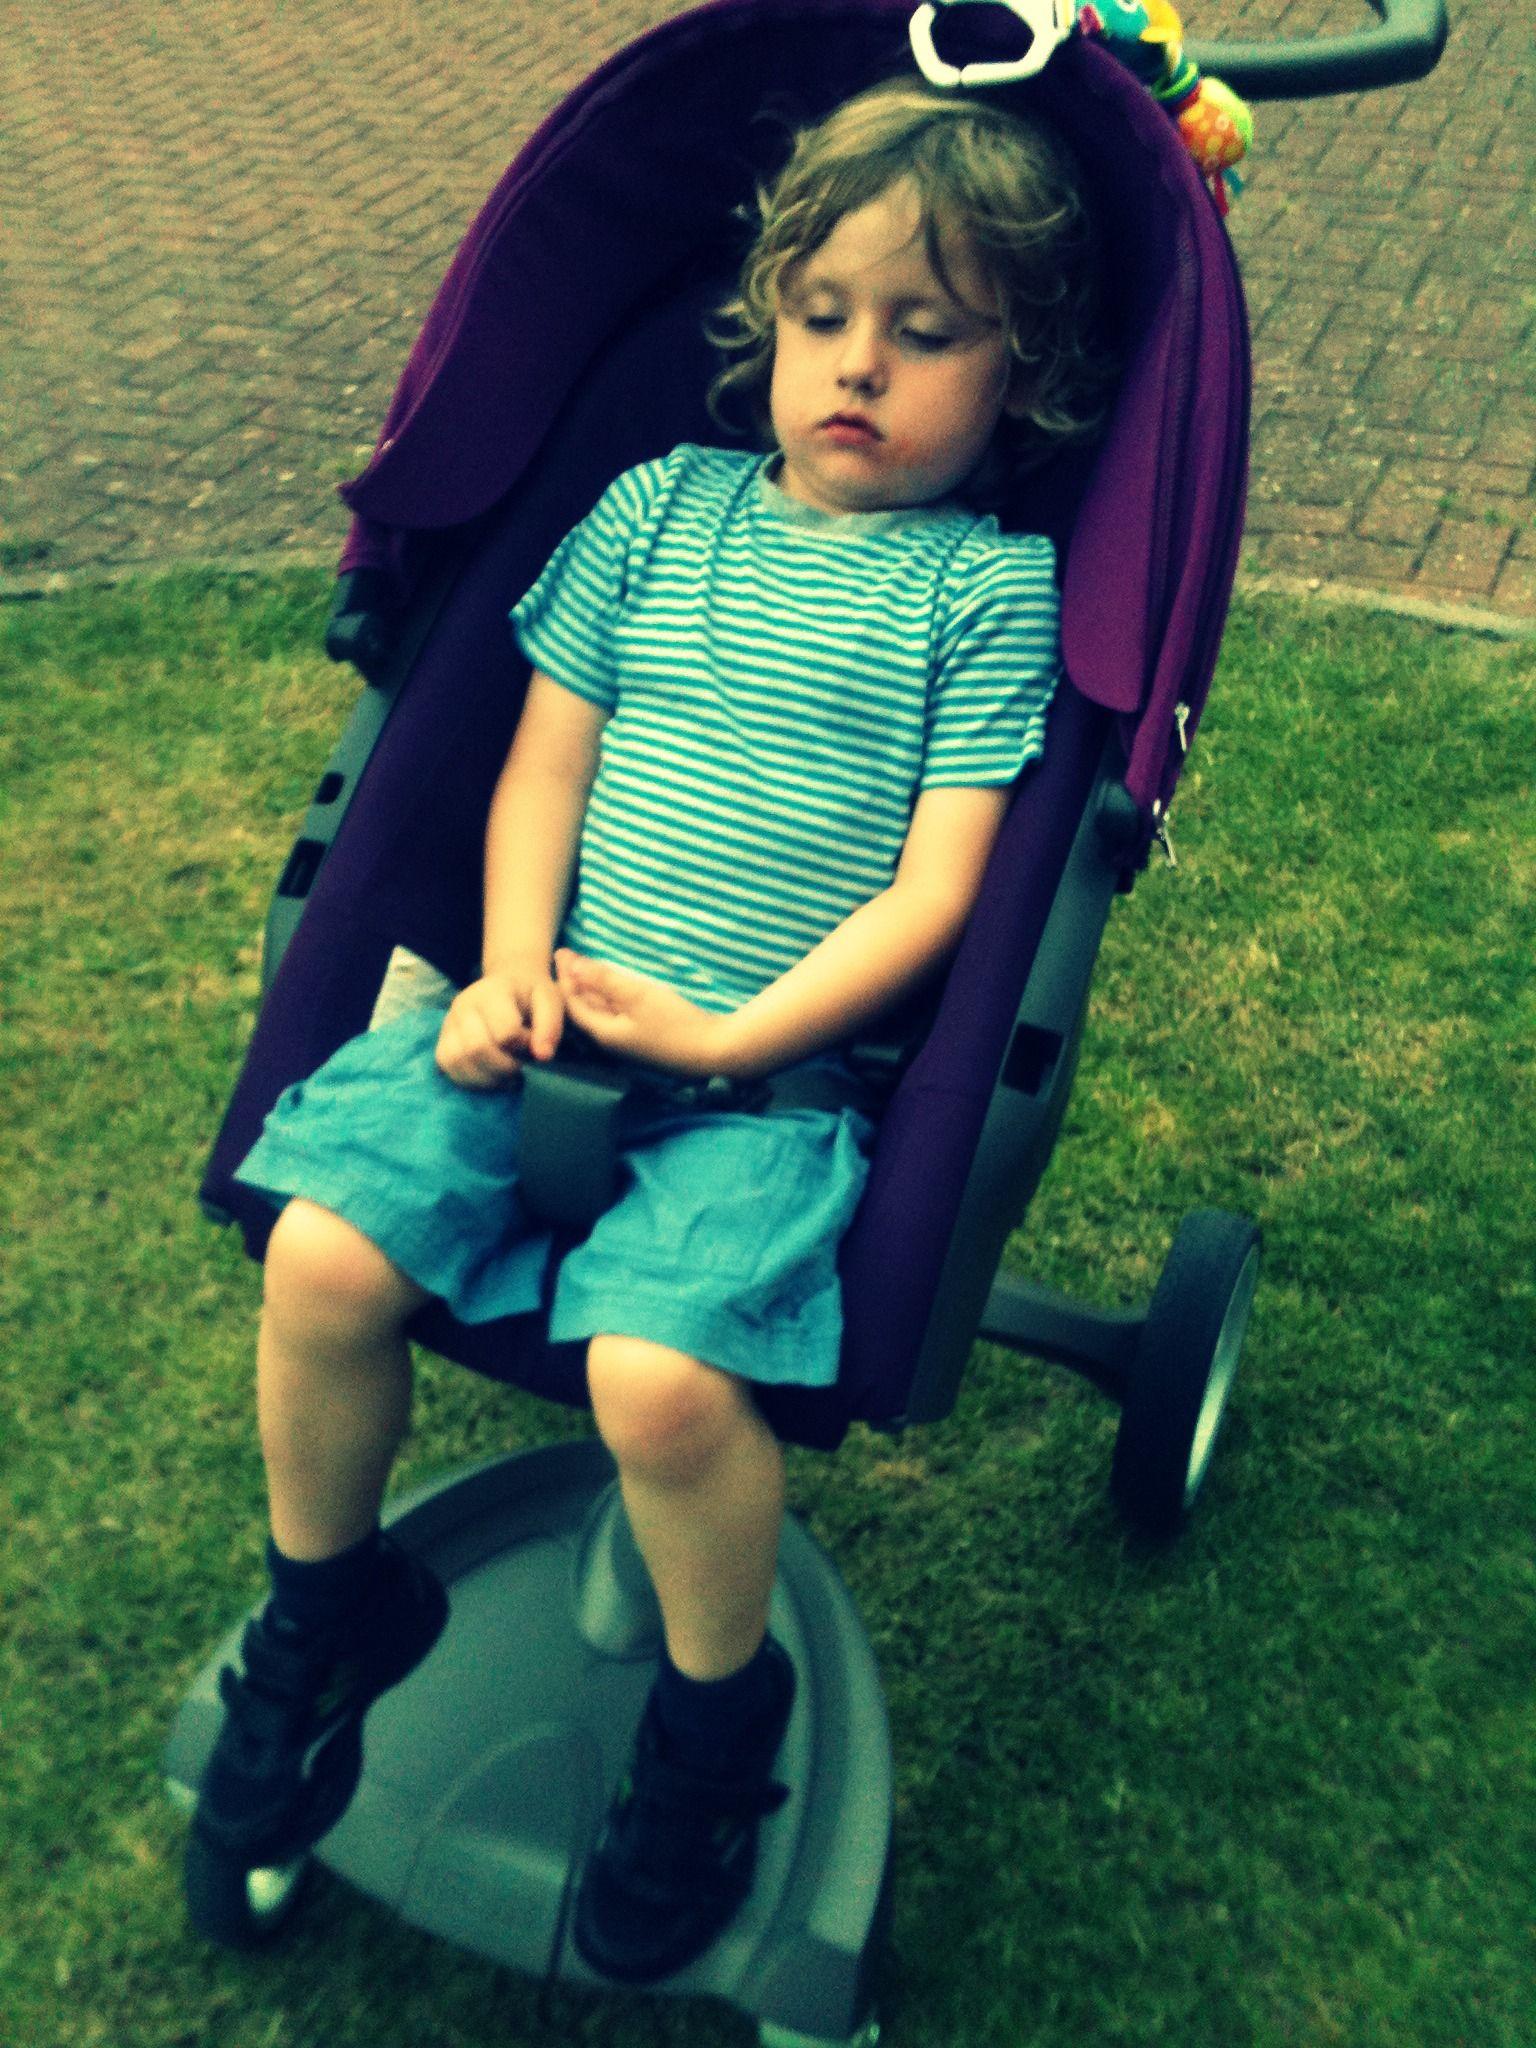 Sleeping toddler in the #Stokke #Xplory | Baby Center | Pinterest ...